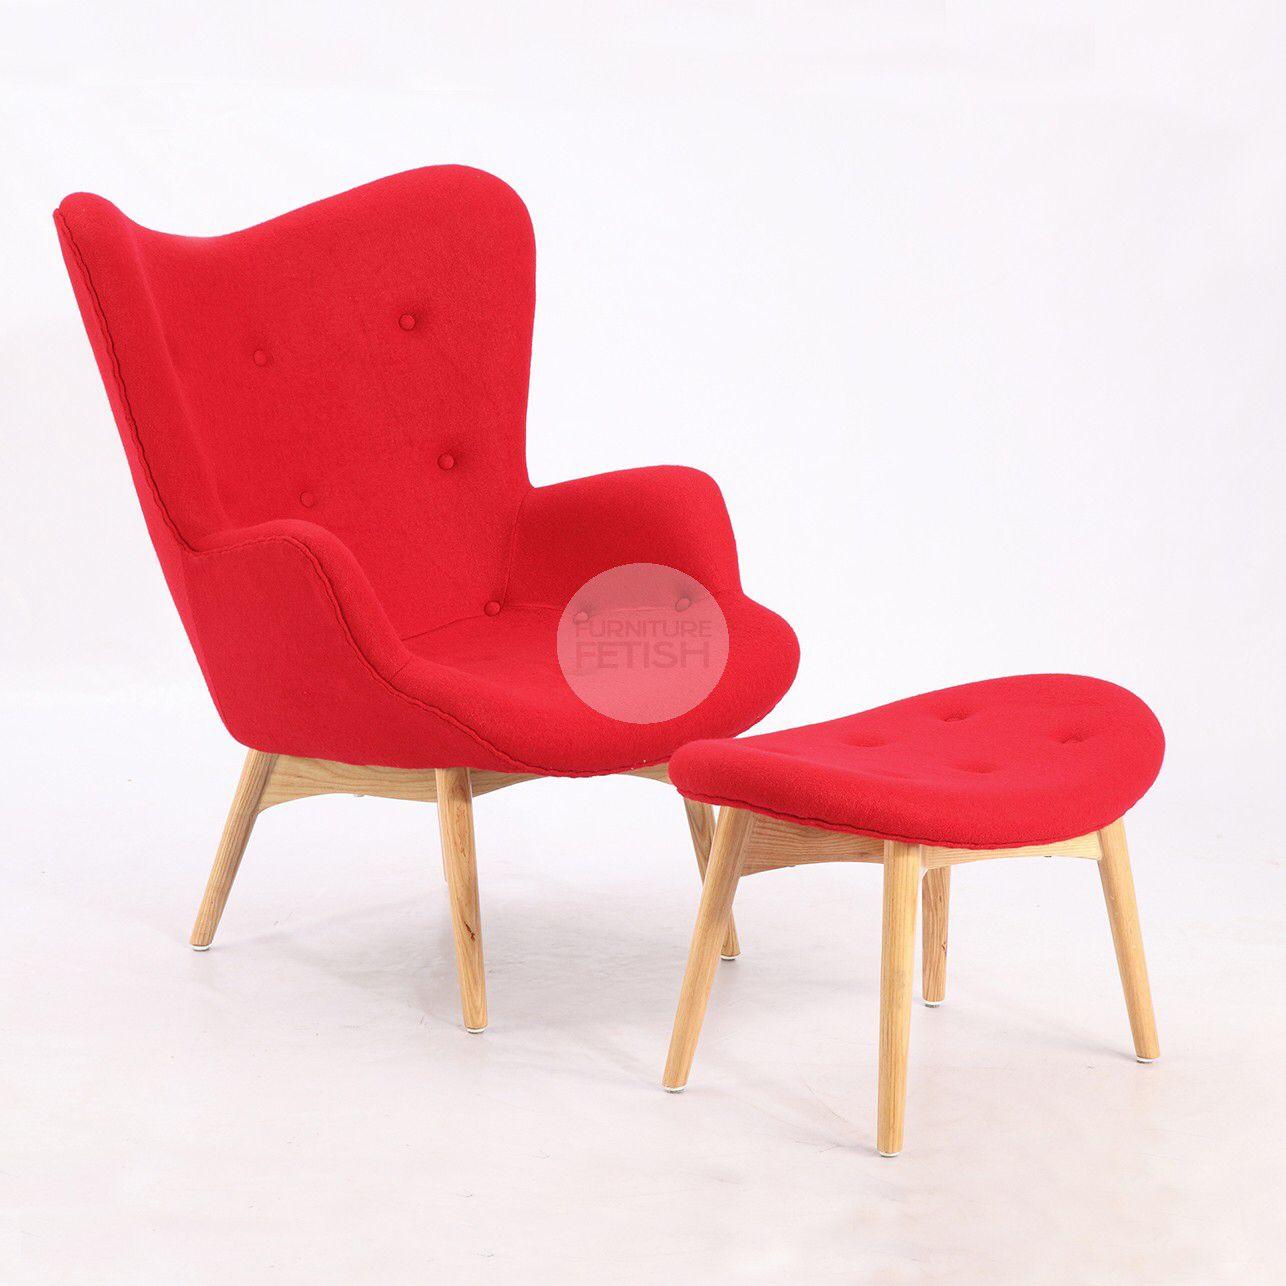 Replica Grant Featherston Chair Amp Ottoman R160 Contour